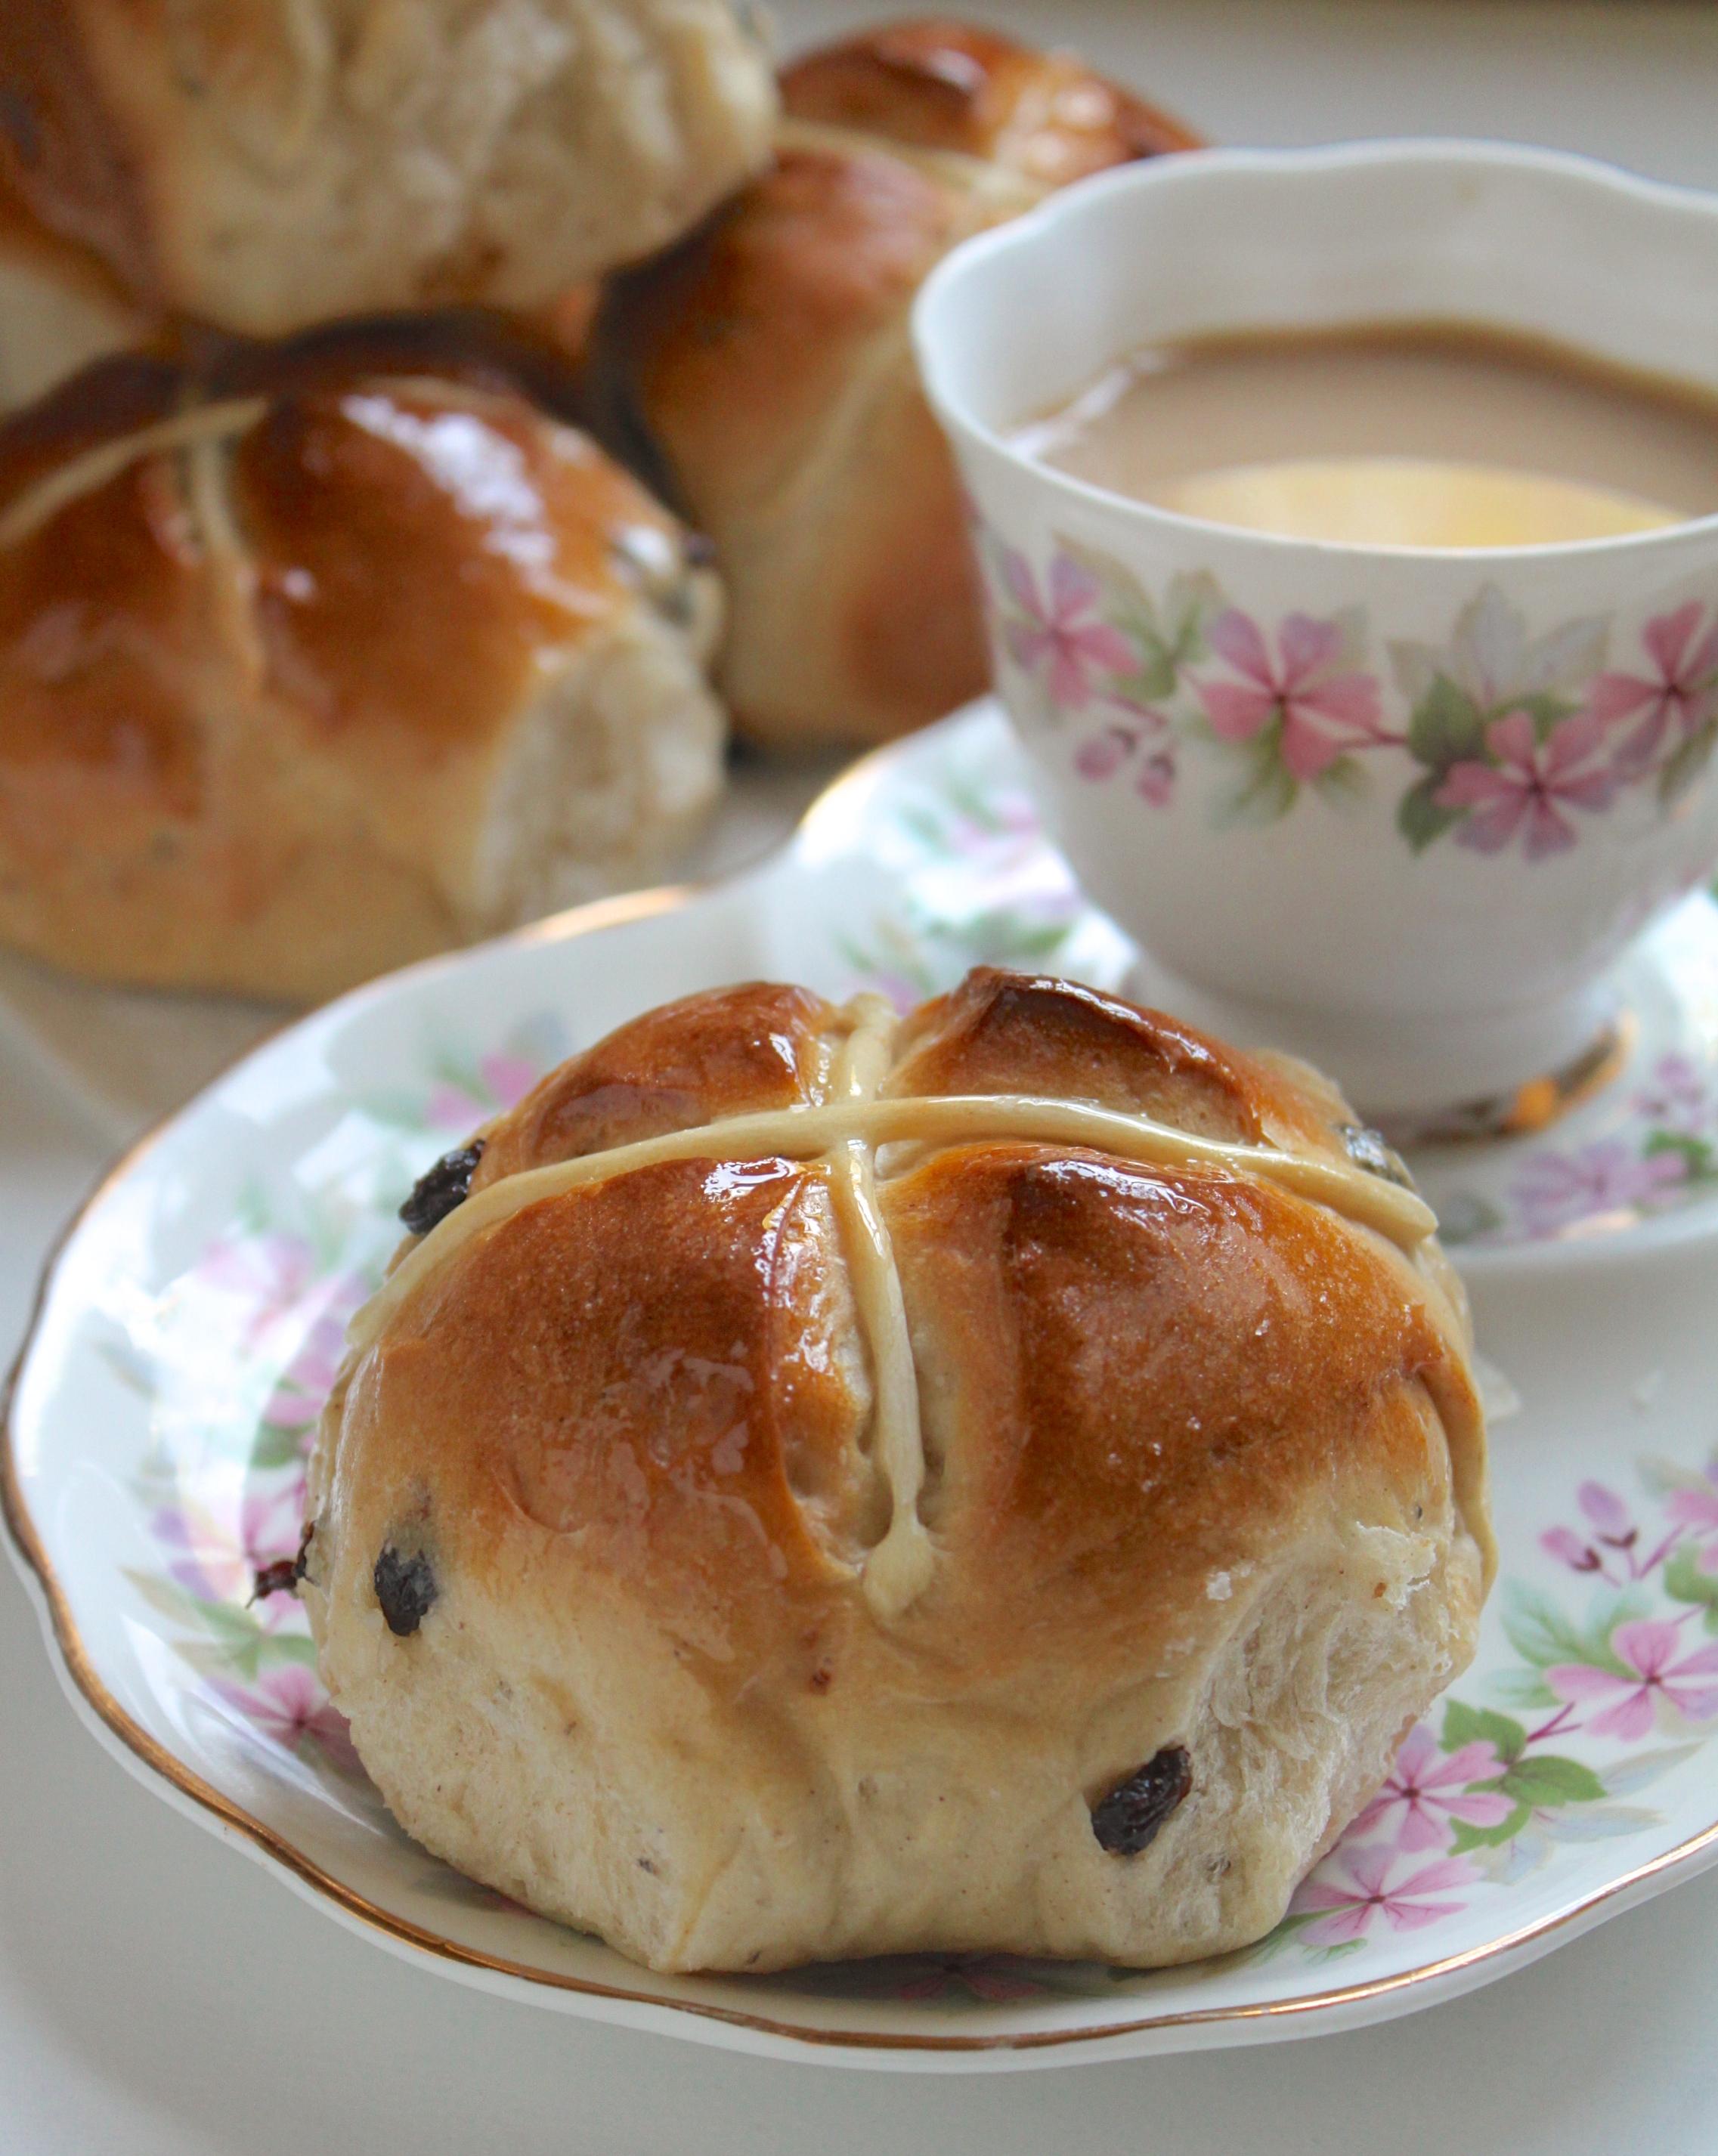 Mrs. Rabbit's Hot Cross Buns Recipe - Christina's Cucina